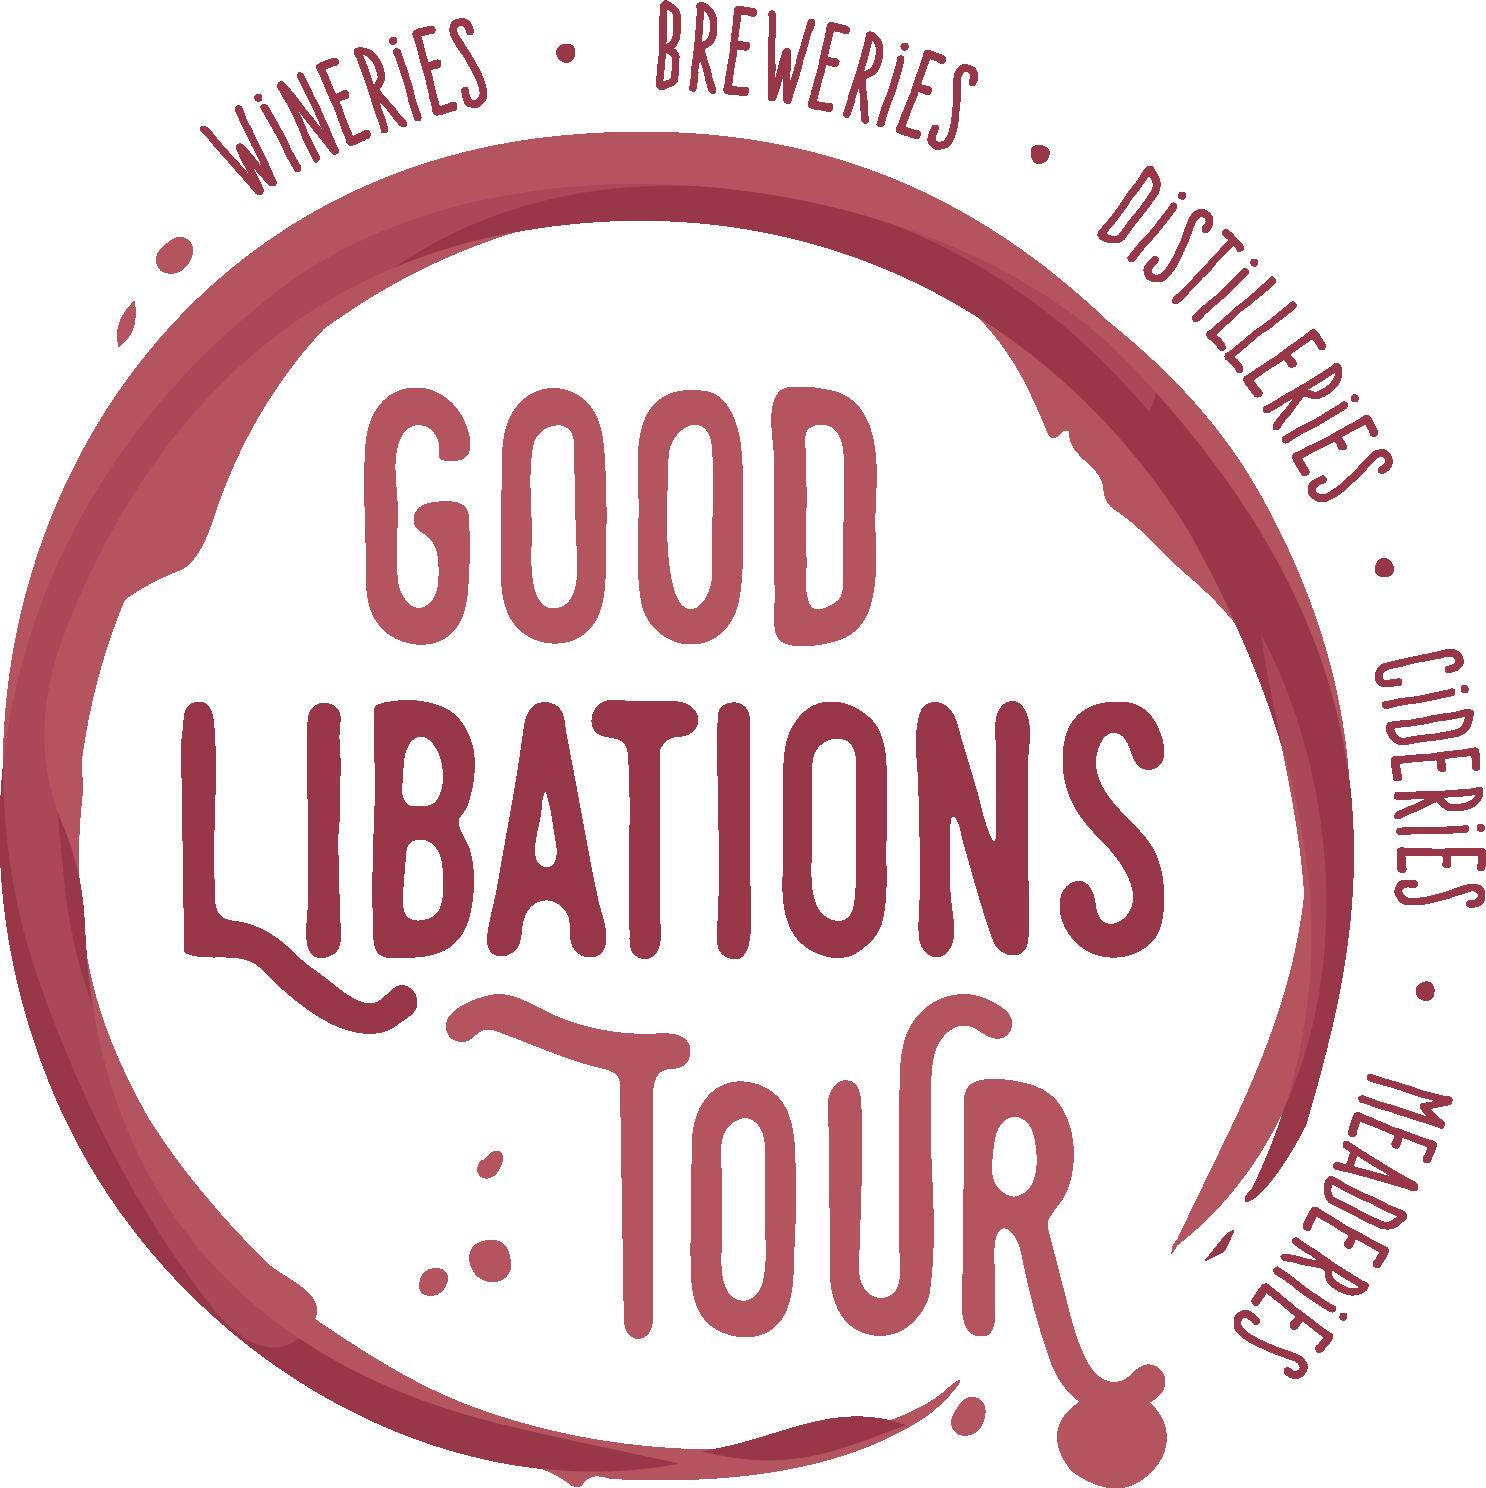 84-01-hw-libations-tour-logo-f-rgb-color.png